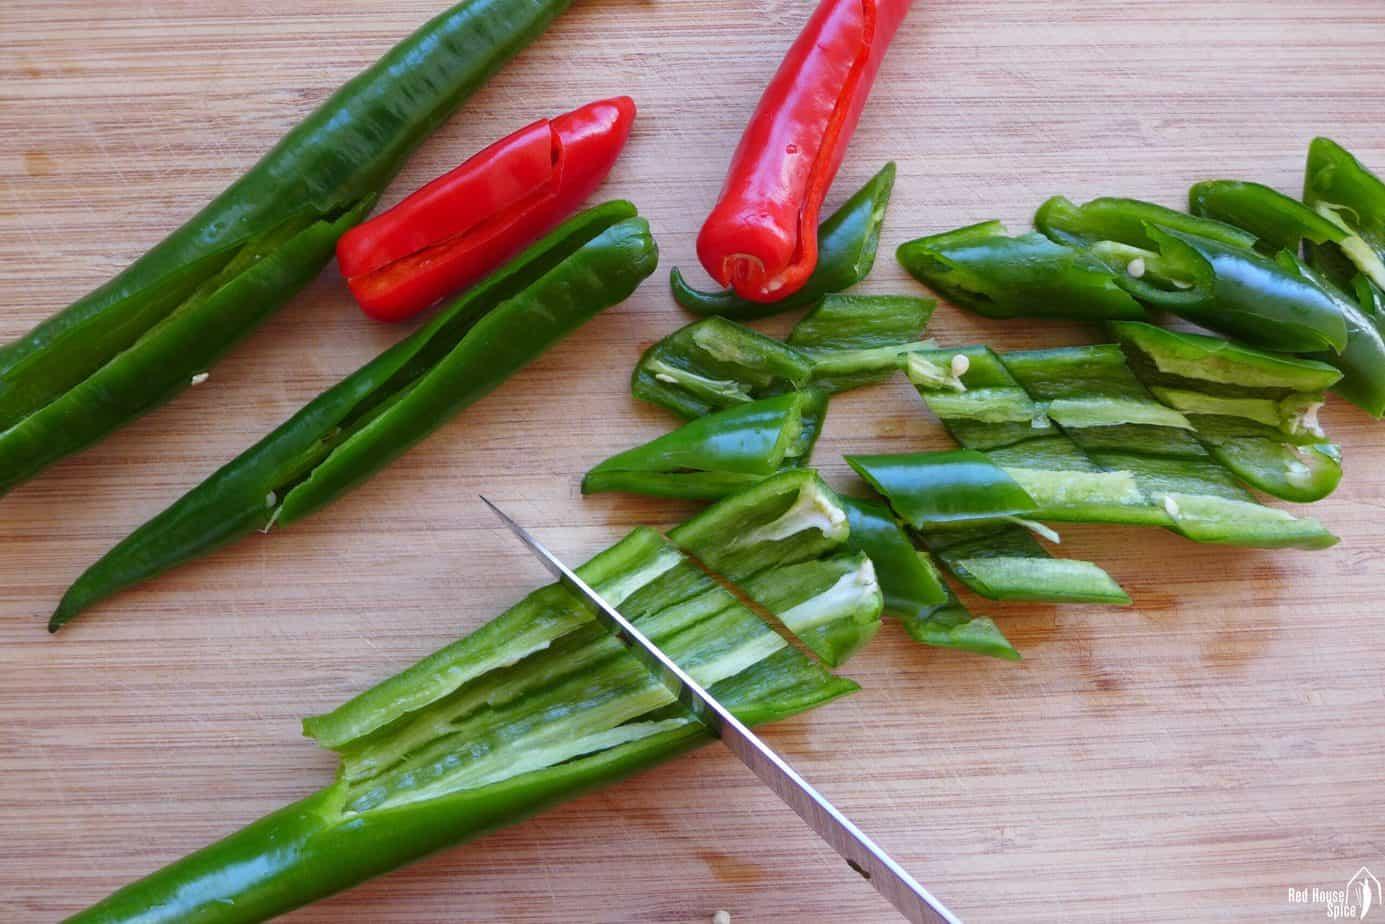 cutting chili pepper